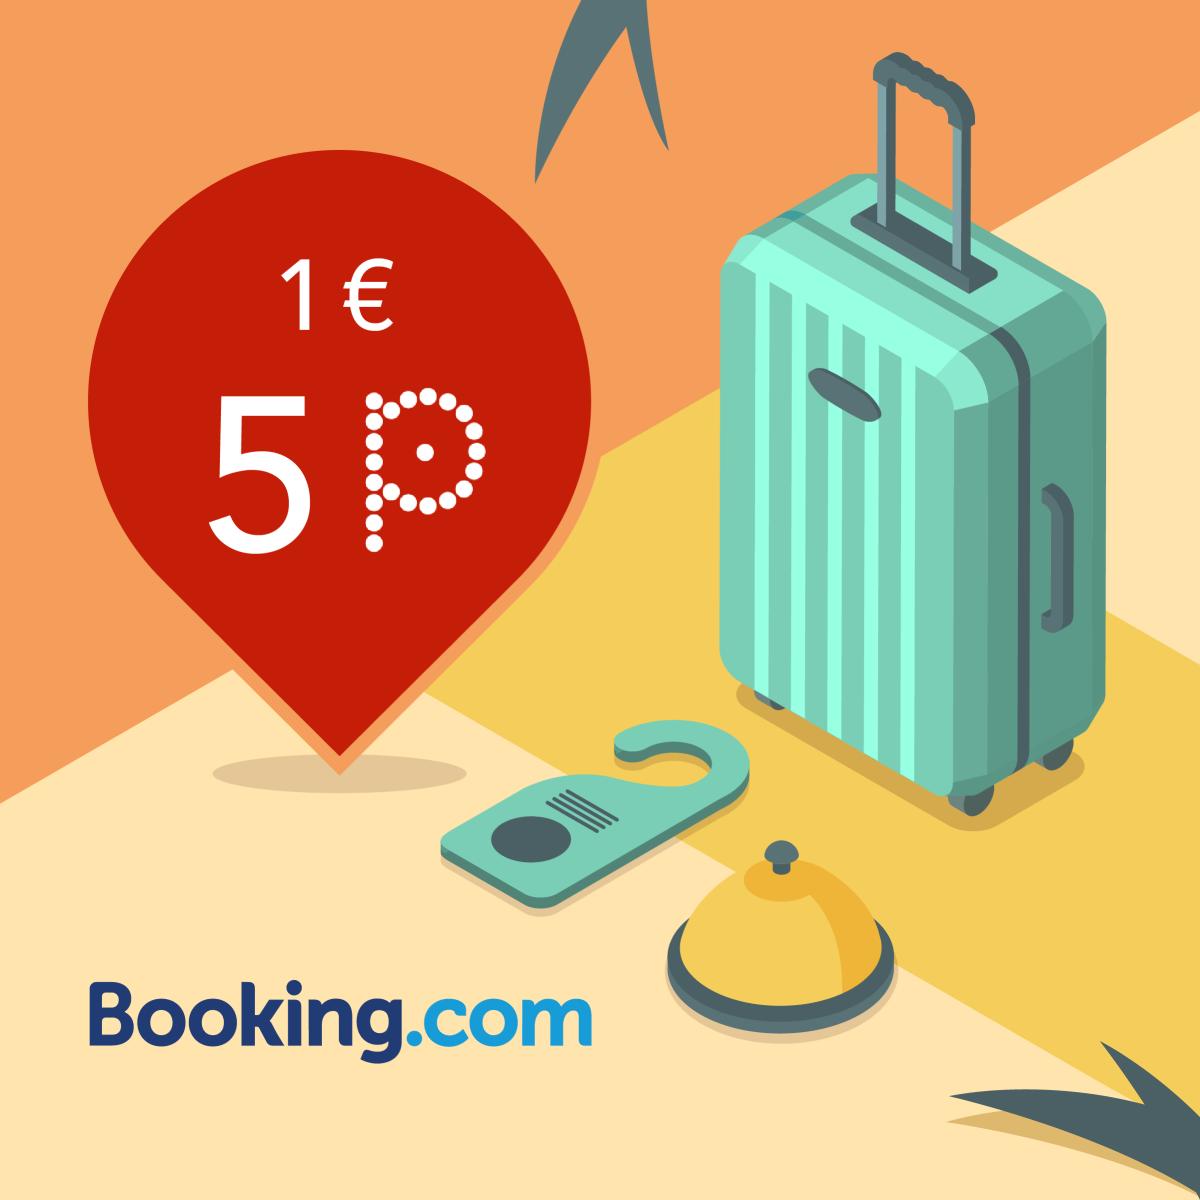 Зарезервируй жилье на Booking.com/pins получи 5P/EUR! image